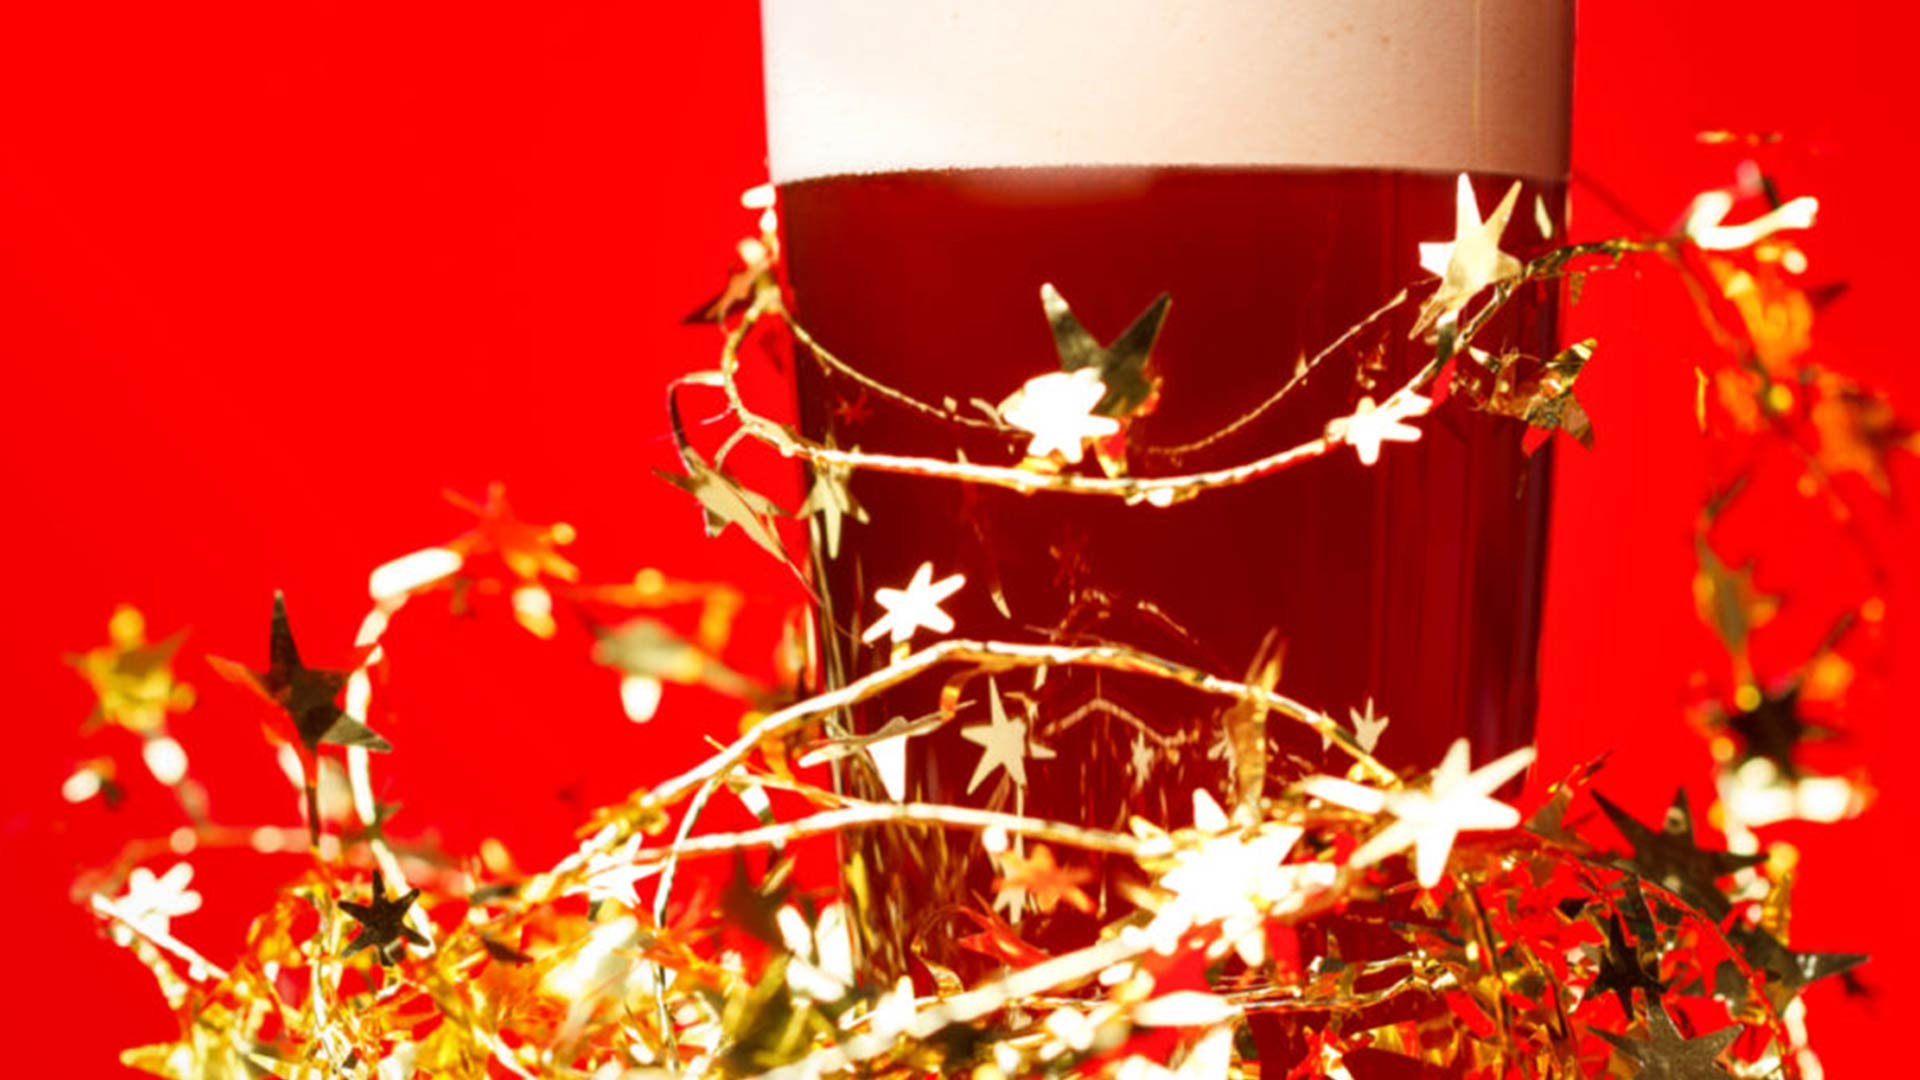 bieres de noel Comment les bières de Noël se retrouvent elles sous le sapin ? bieres de noel